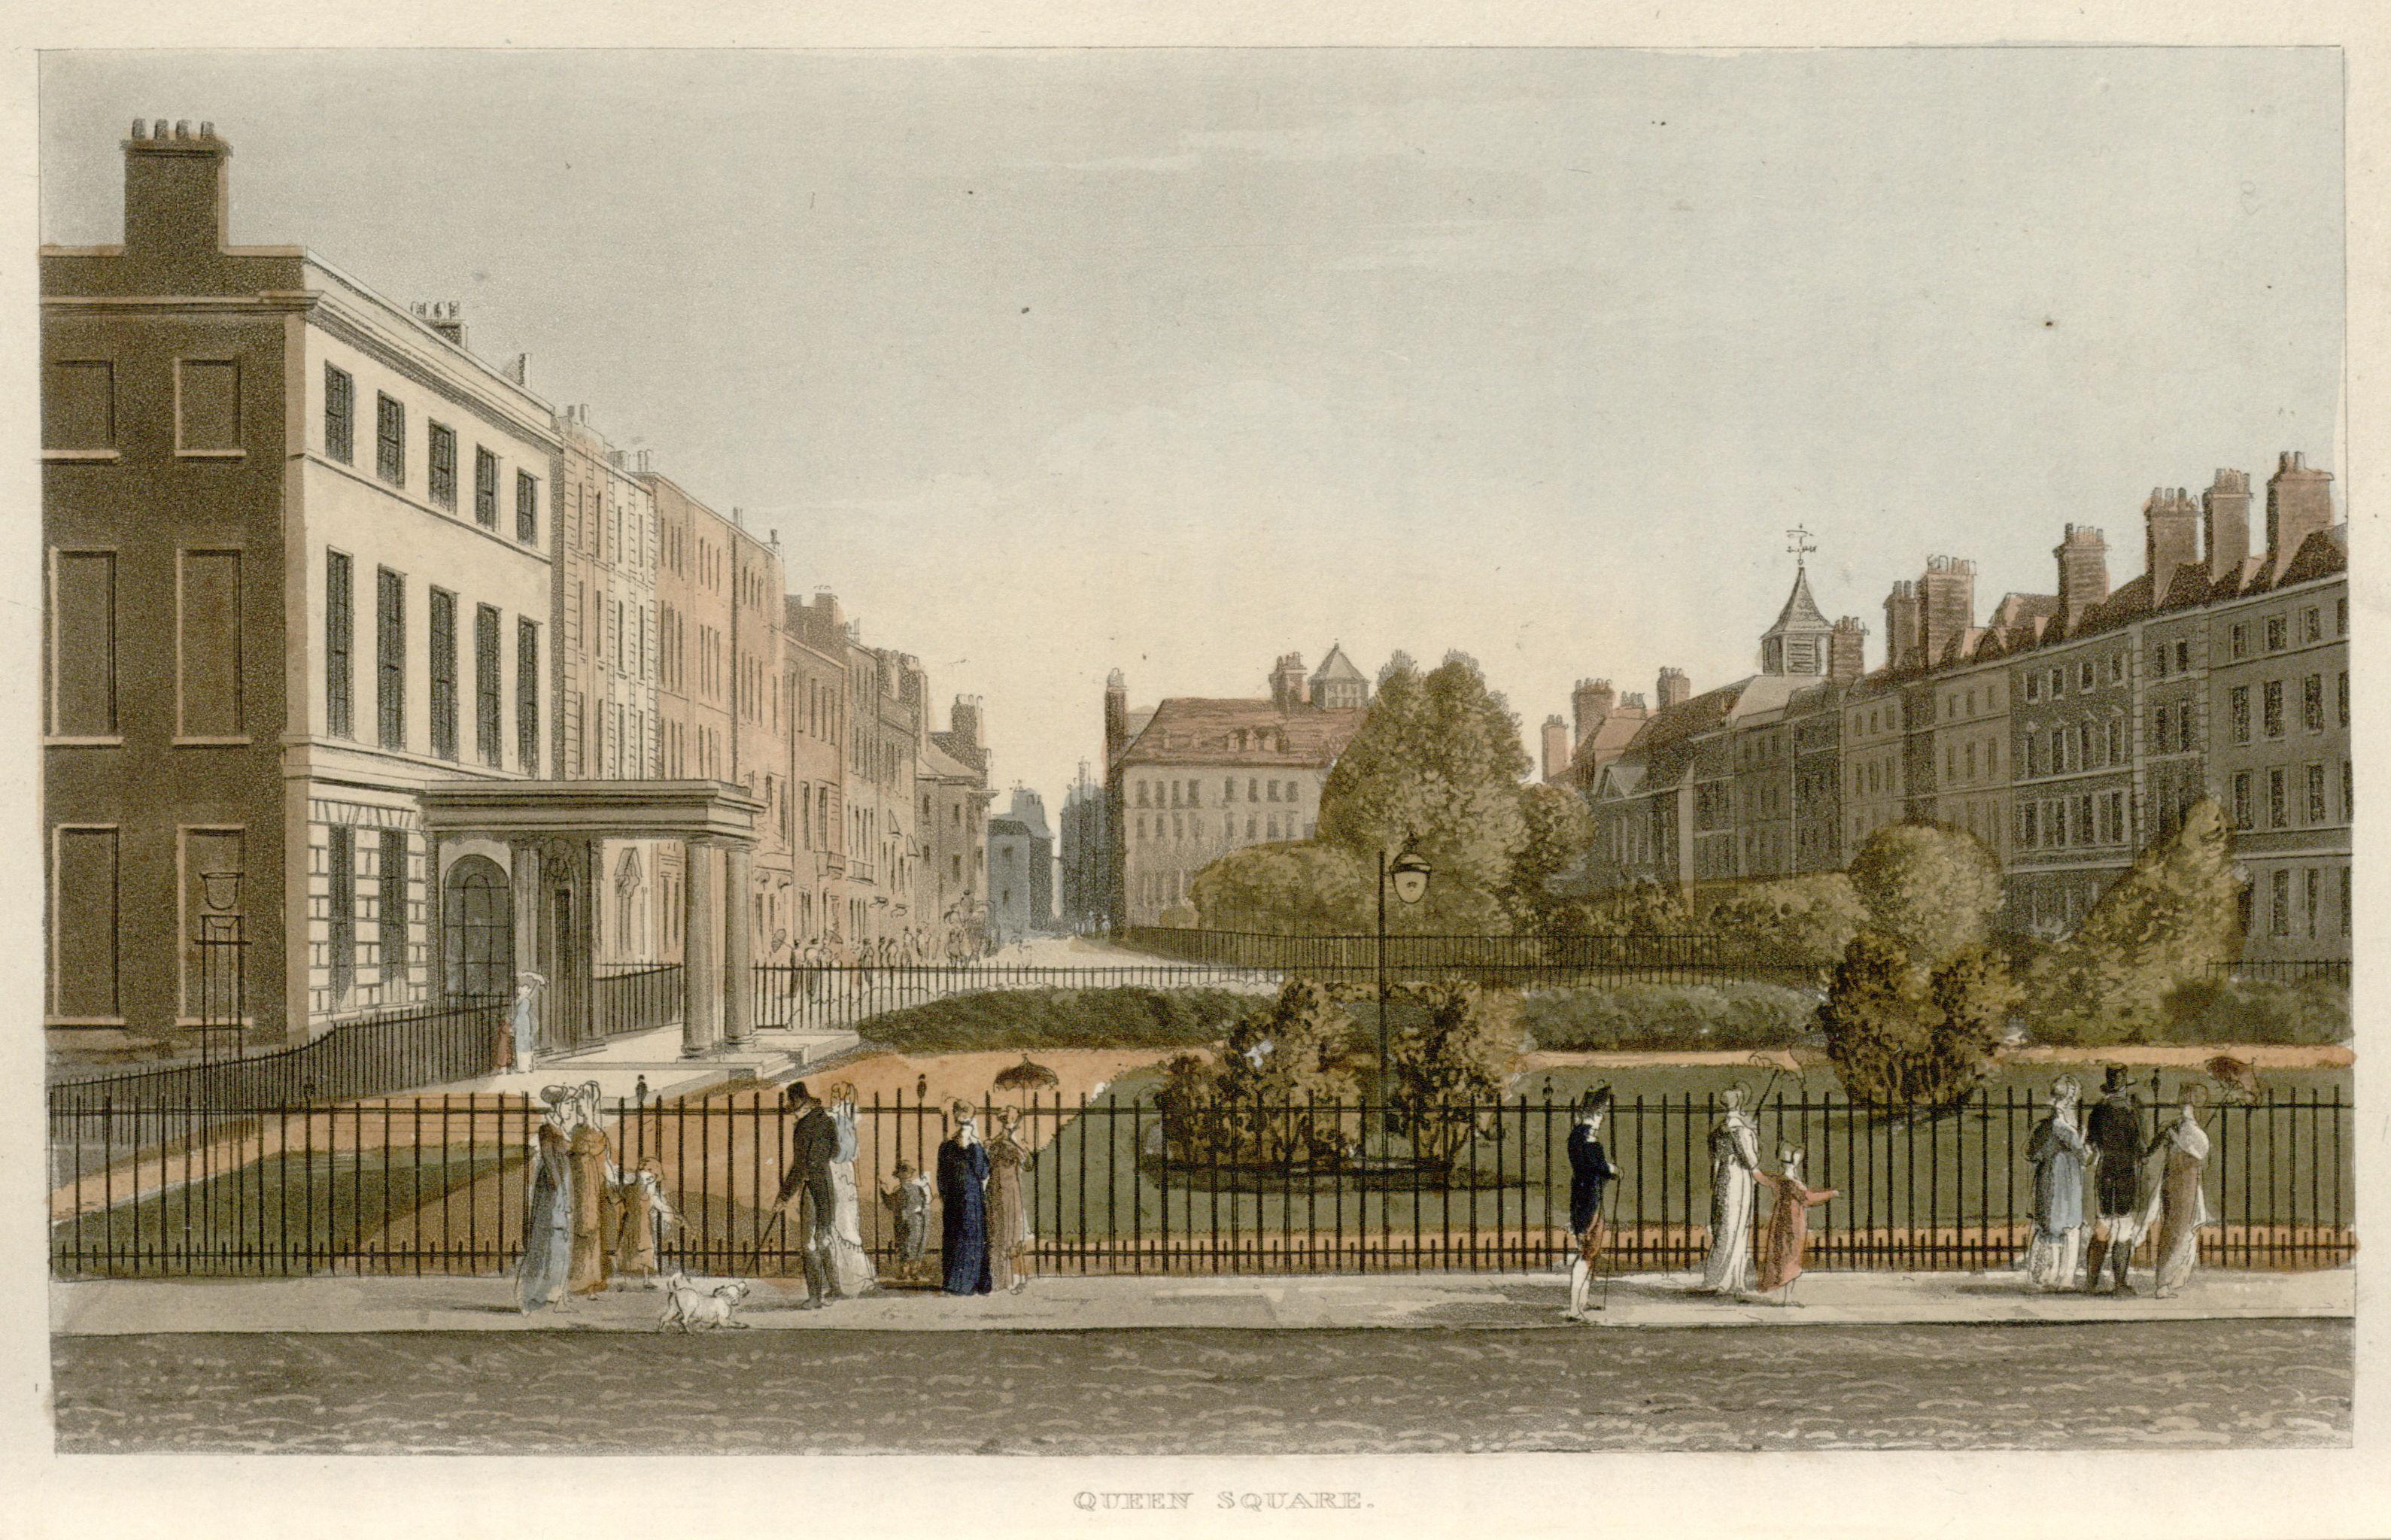 26 - Papworth - Queen Square